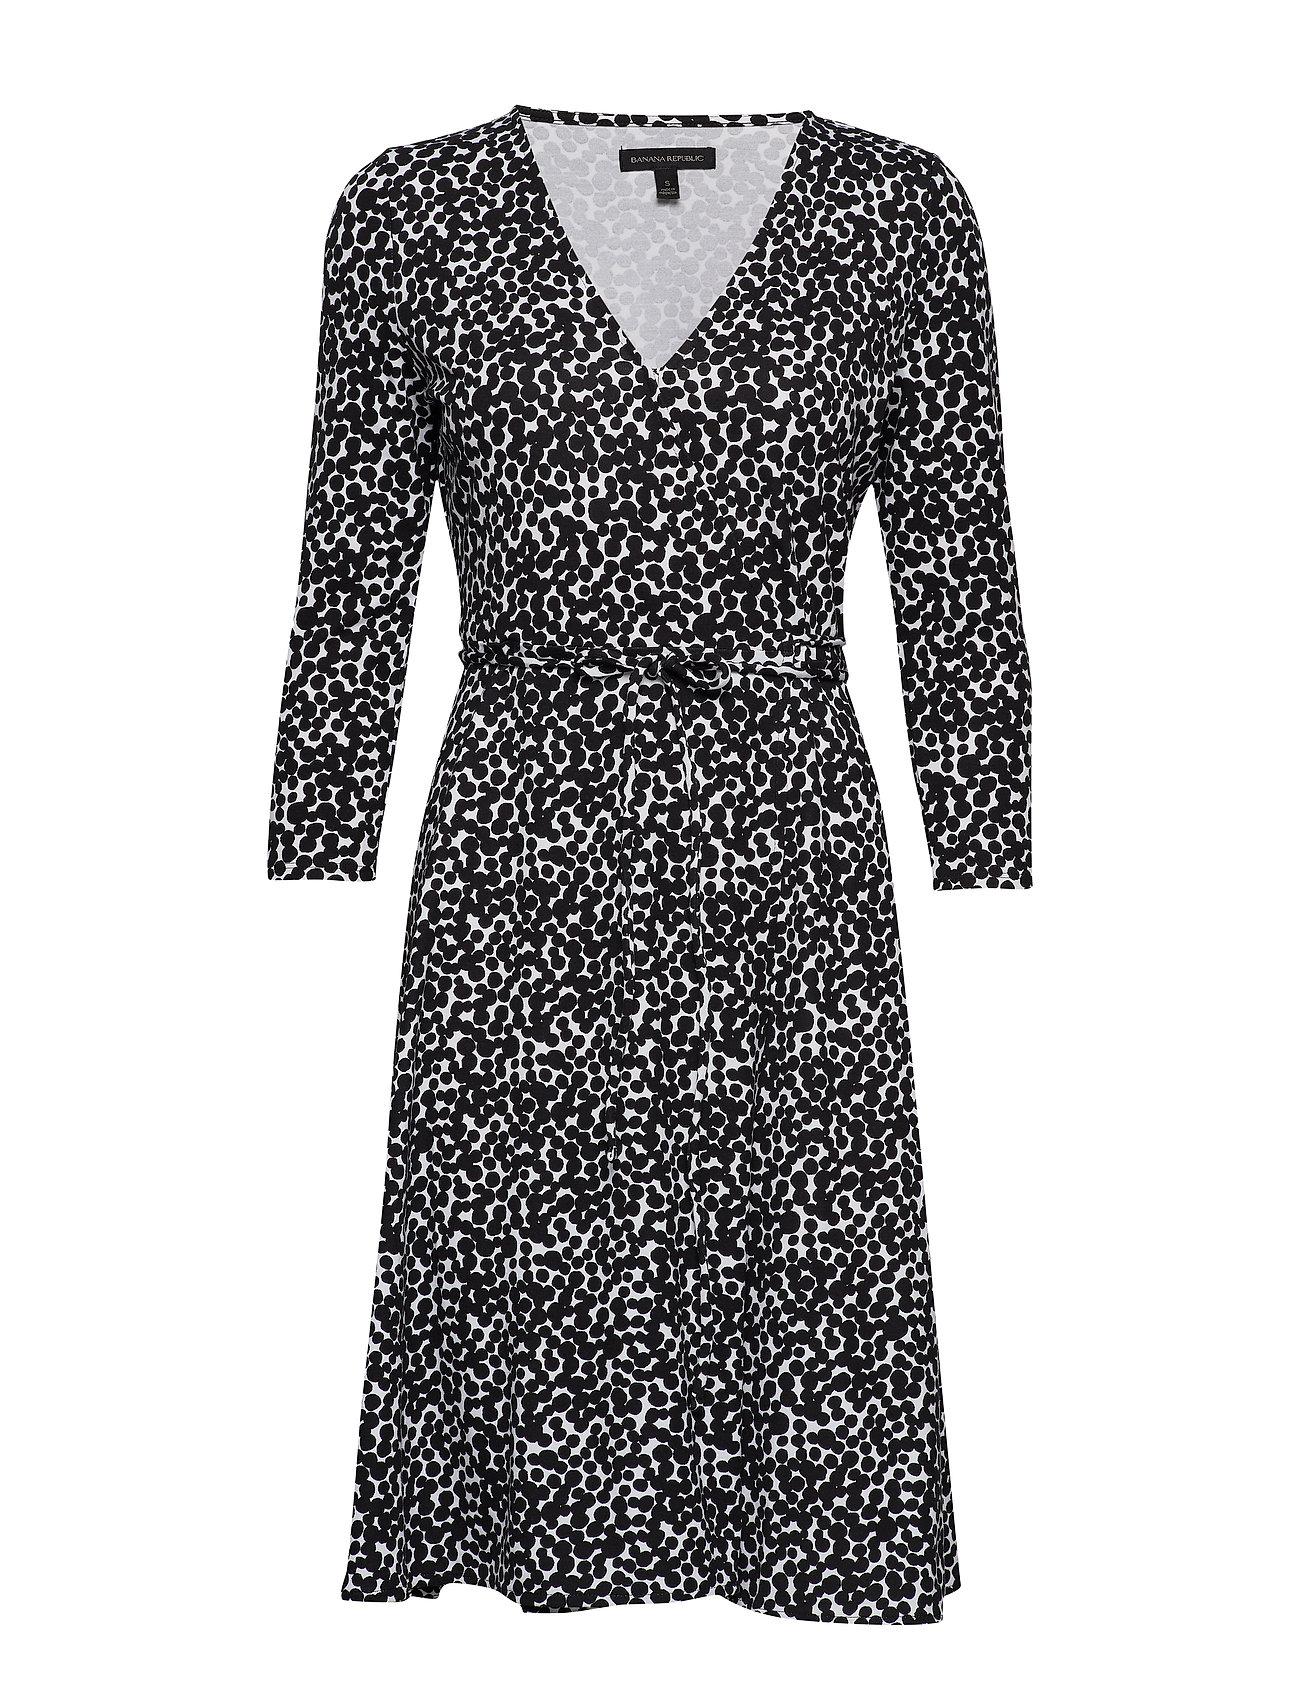 Banana Republic Printed Soft Ponte Wrap Dress - BLACK DOT GLOBAL